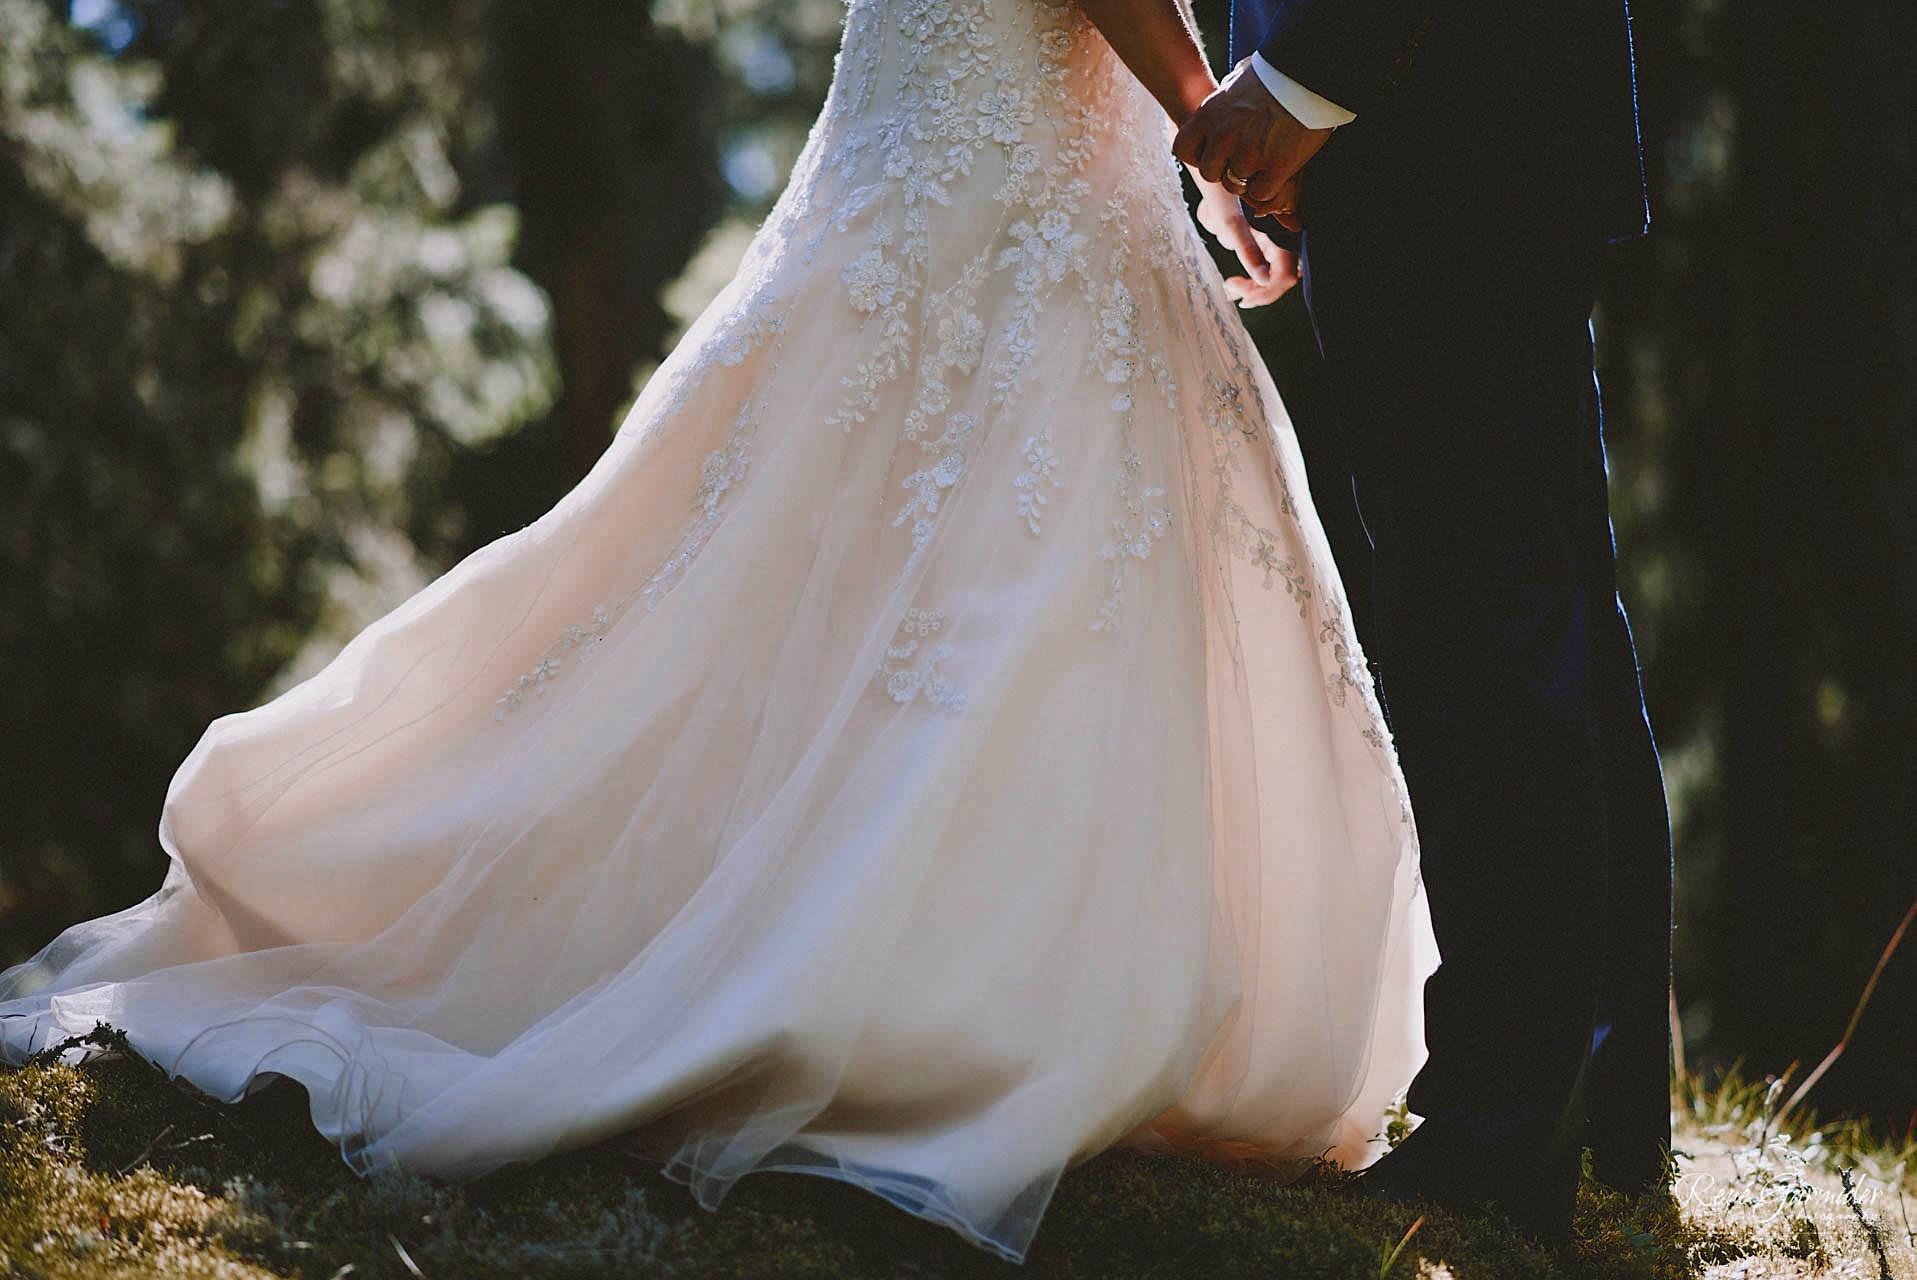 destination-wedding-photography-finland-miljookuvaus-haakuvaus-haakuvaaja-leena-juri-42